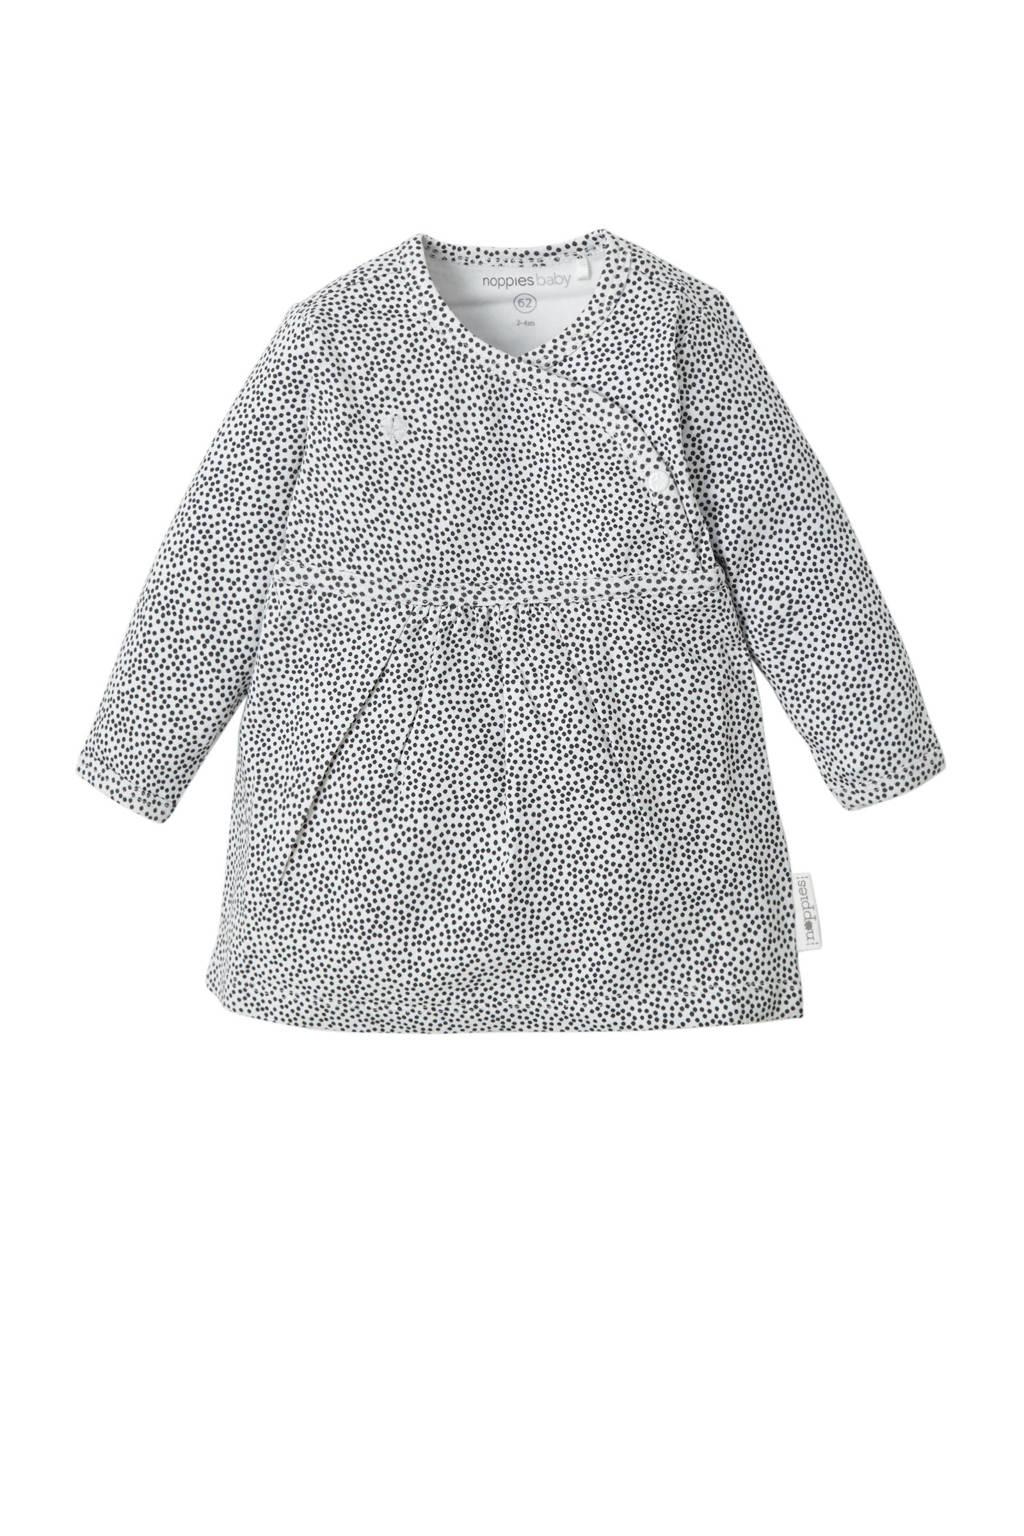 Noppies newborn baby jurk Mattie, wit/ zwart